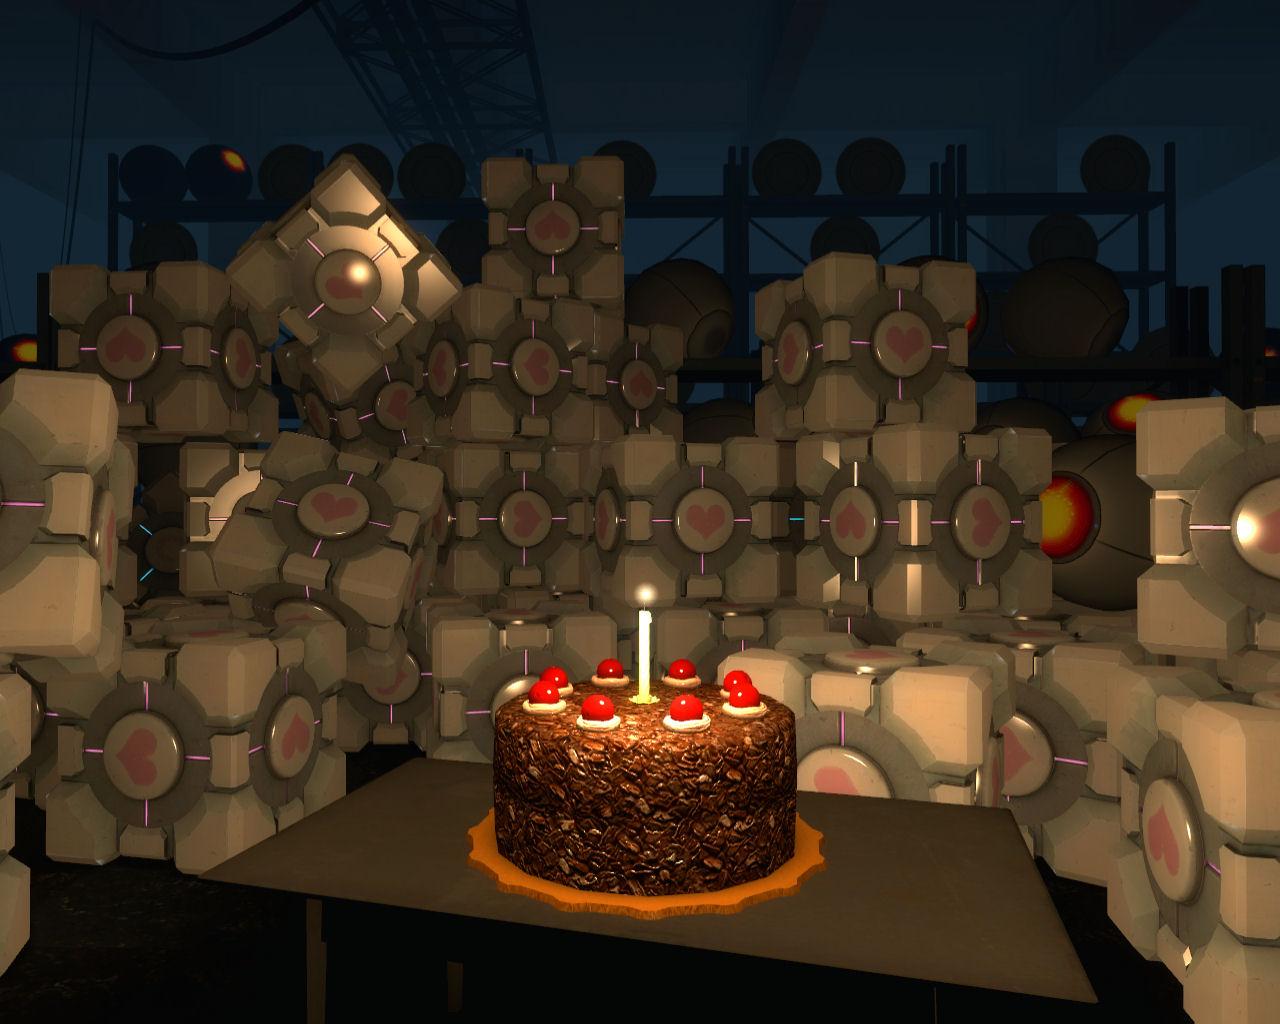 cube_cake_full.jpg